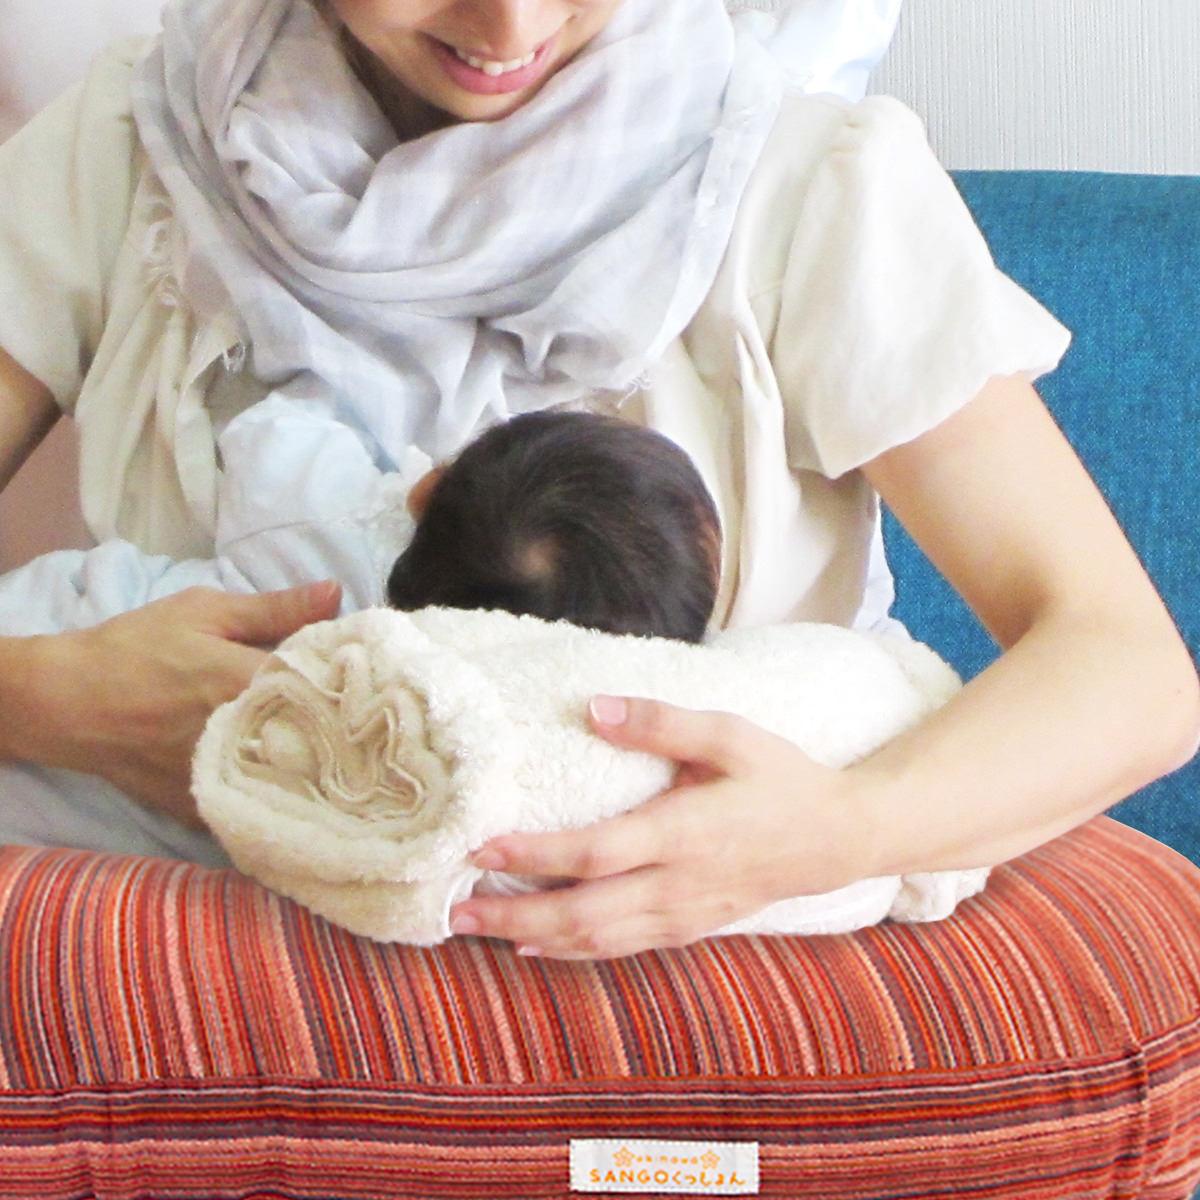 沖縄子育て良品 出産祝いセット〔授乳クッション・ミニクッション・ベビースリング・スリング枕〕